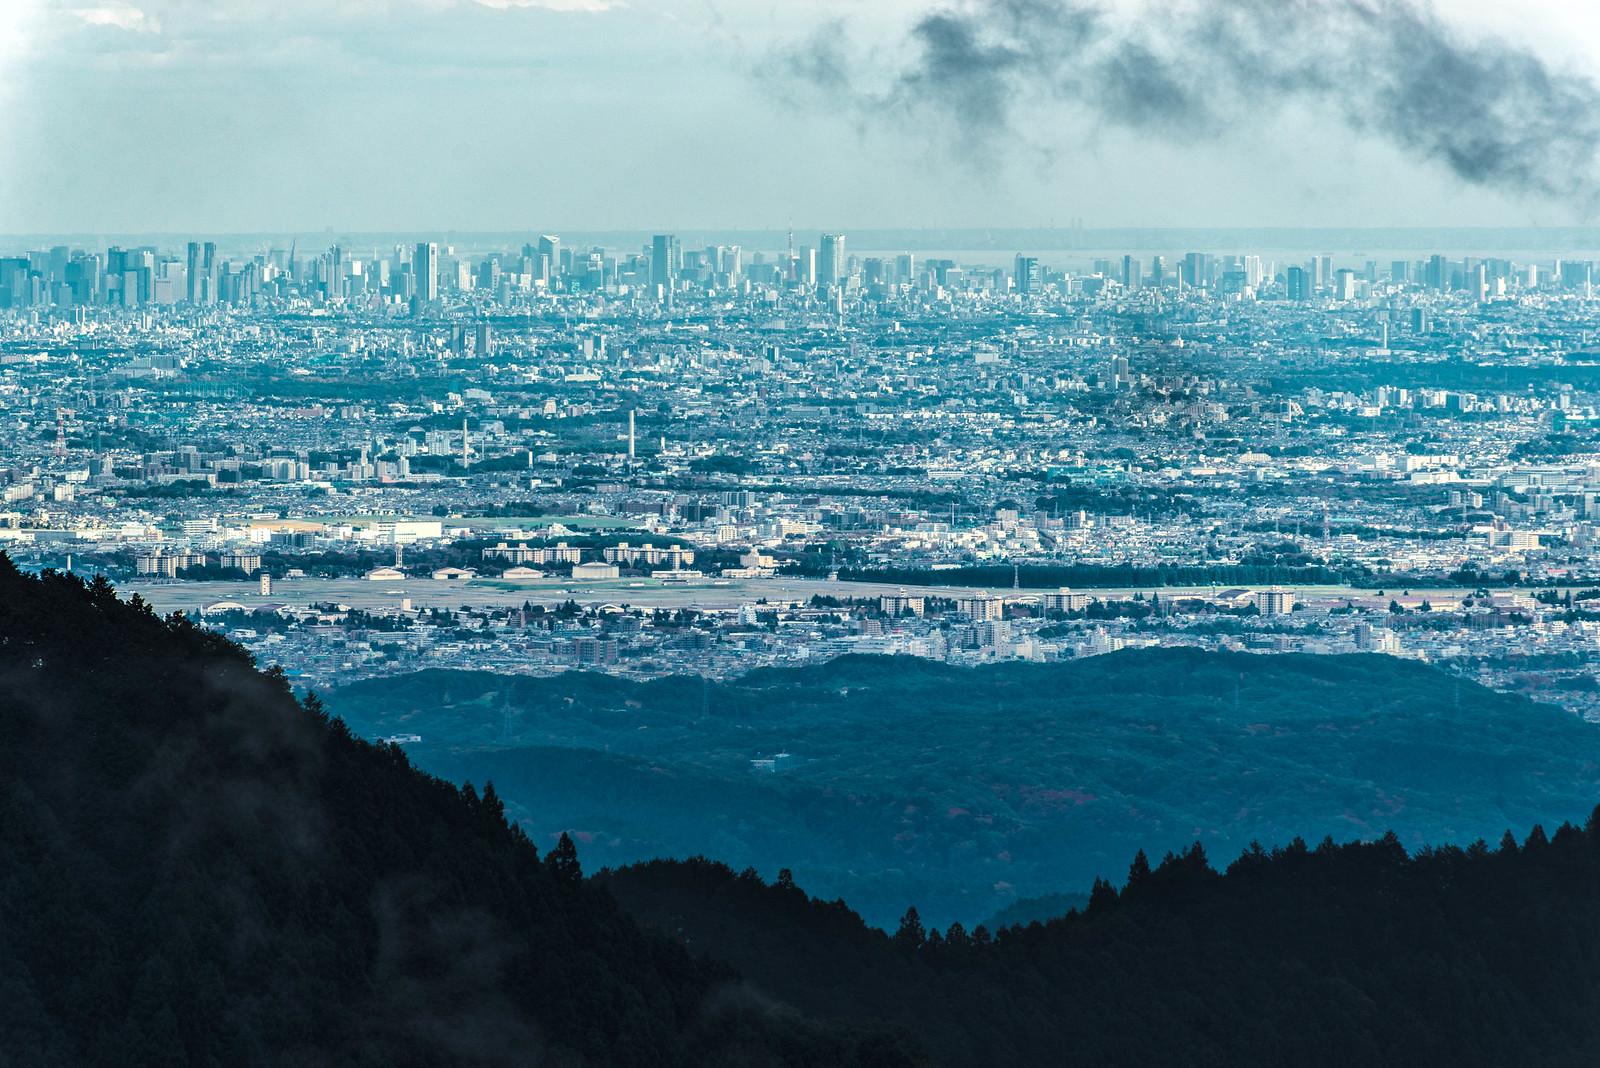 スカイライン対決 東京vs大阪 どっちが上? [無断転載禁止]©2ch.netYouTube動画>51本 ->画像>277枚